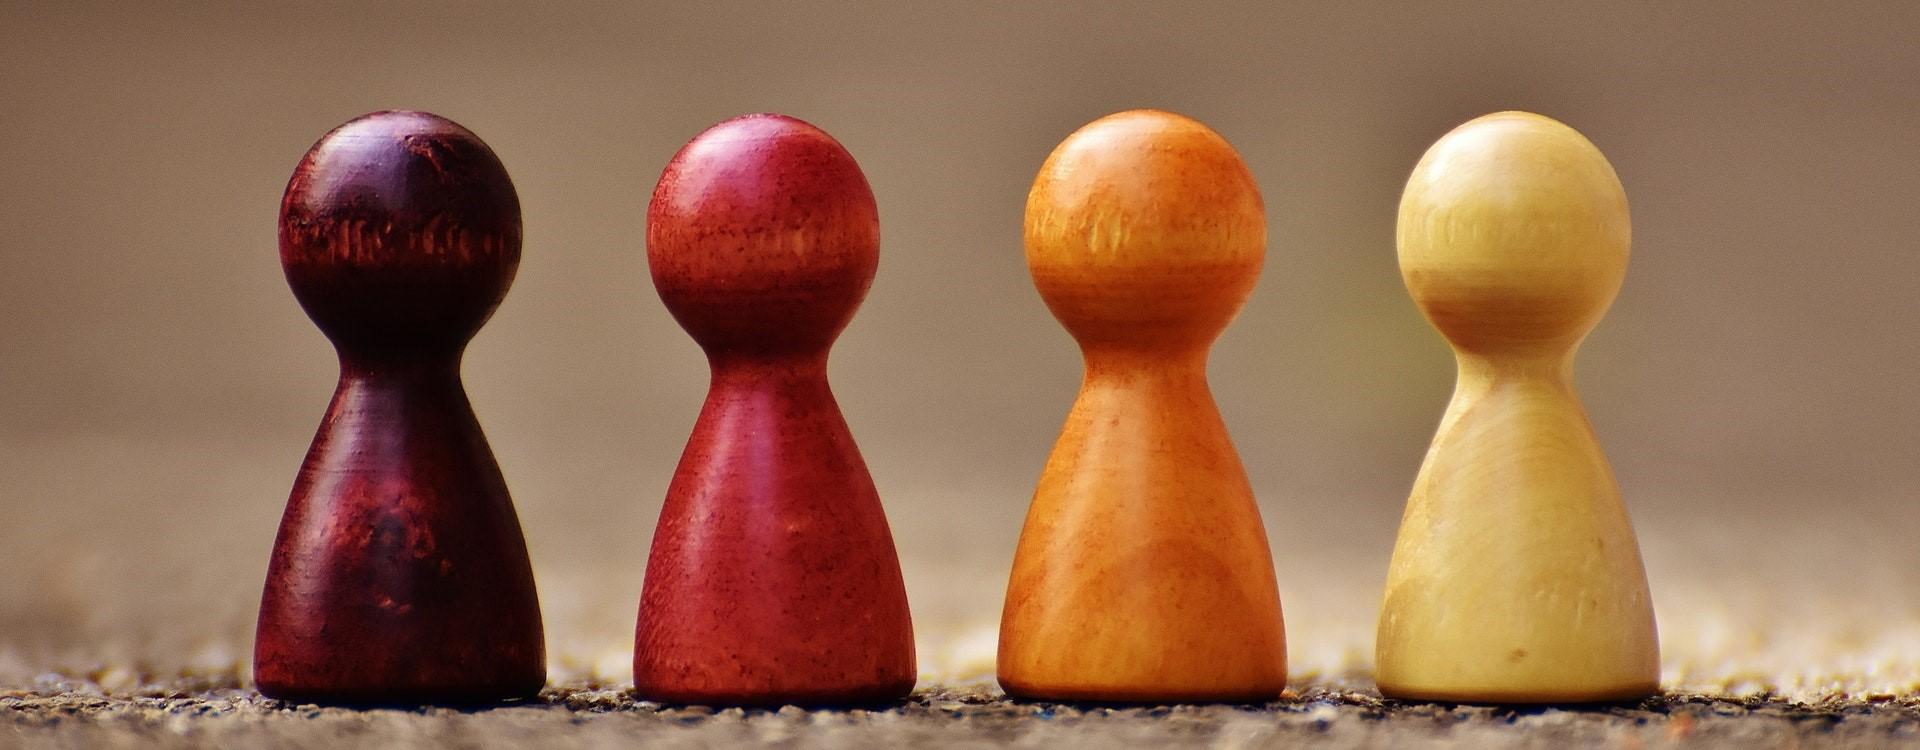 Forskelligehed giver resultater, få magter besværet – gør du?